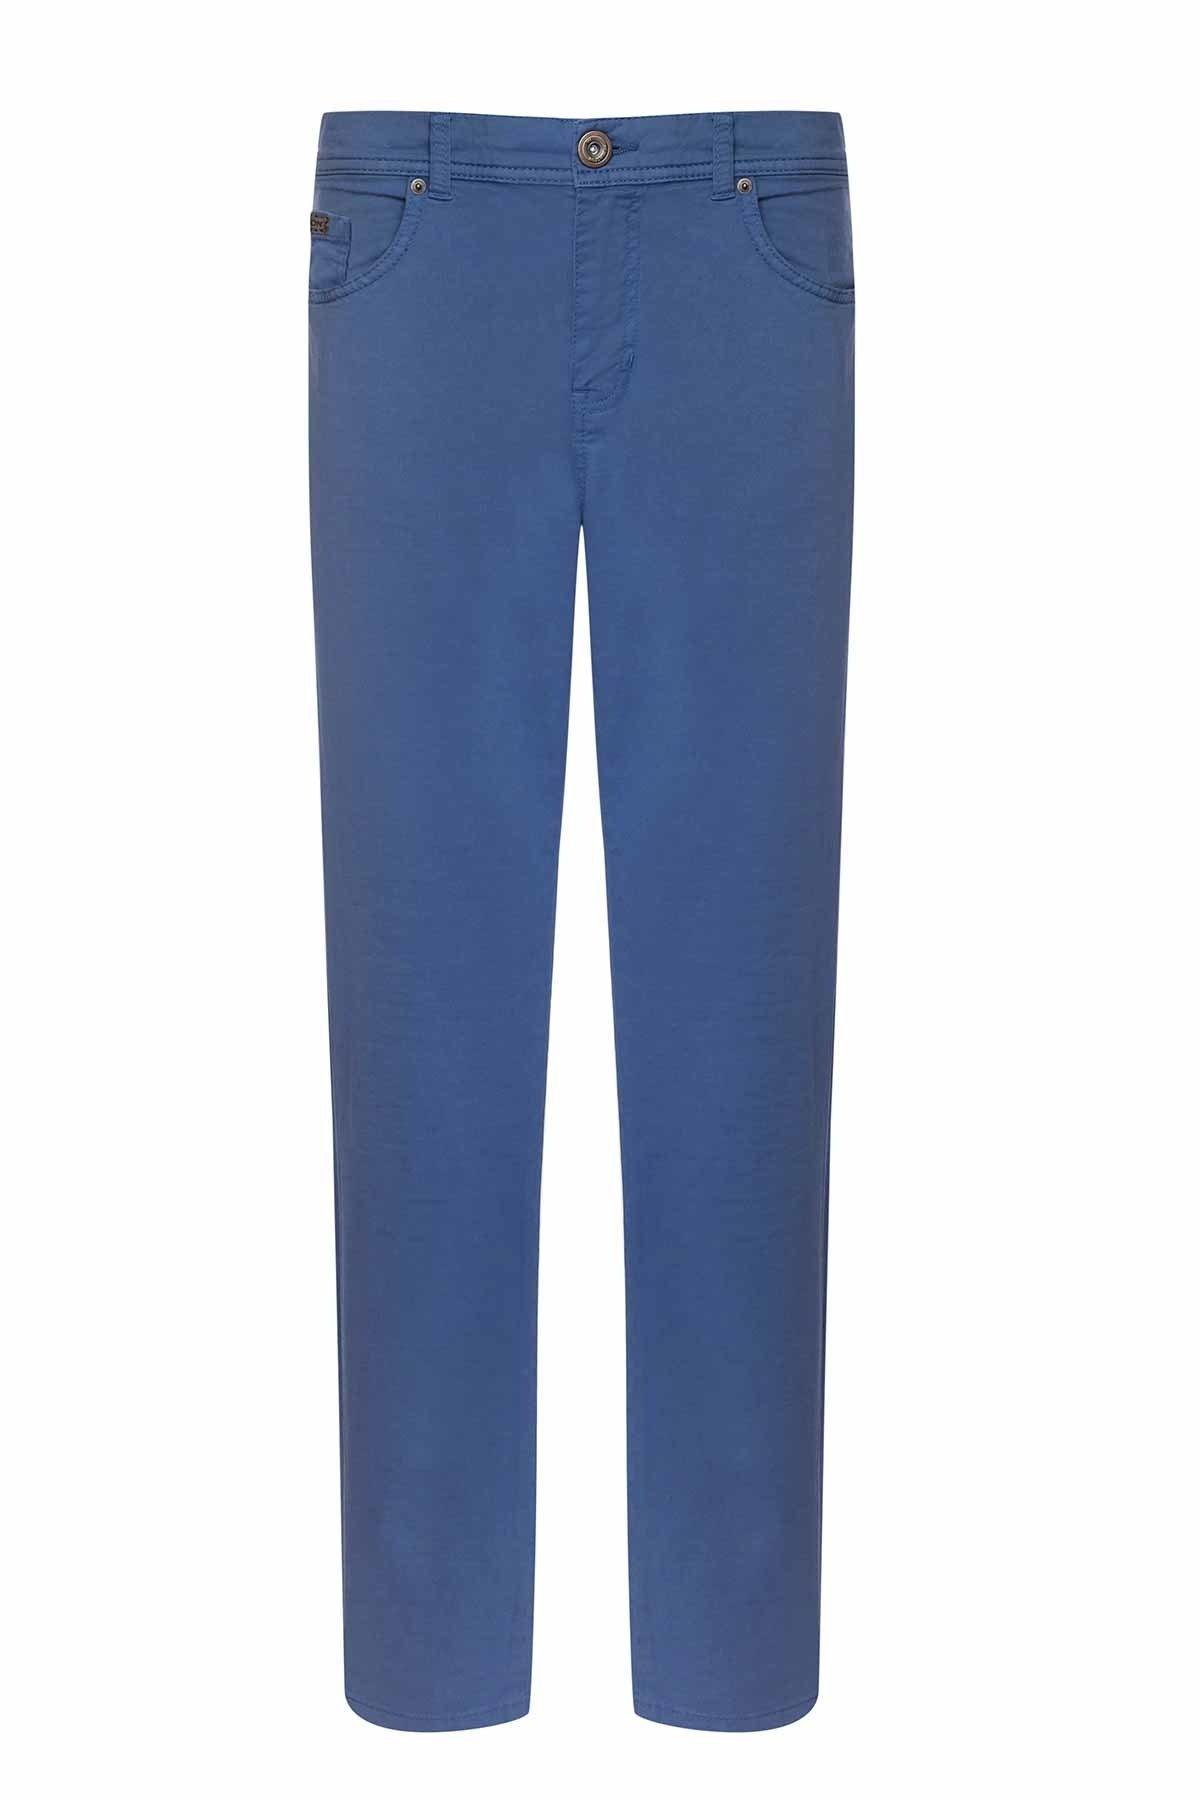 Mavi Slim Fit Spor 5 Cep Pantolon